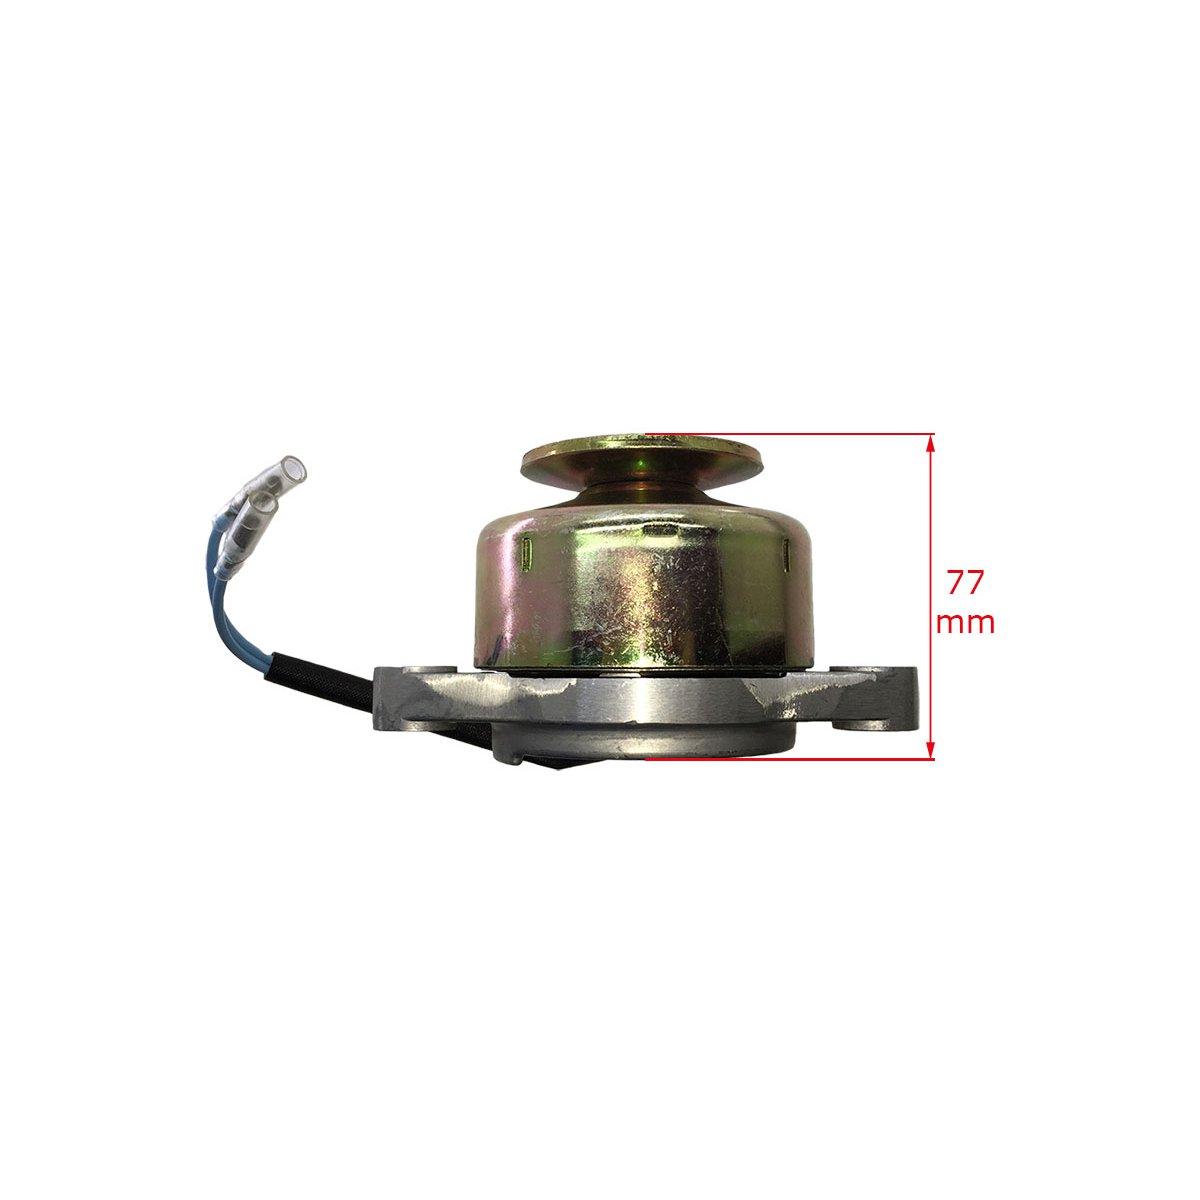 DB Electrical and0350 Alternator for Kubota Utility Vehicle UTV ...